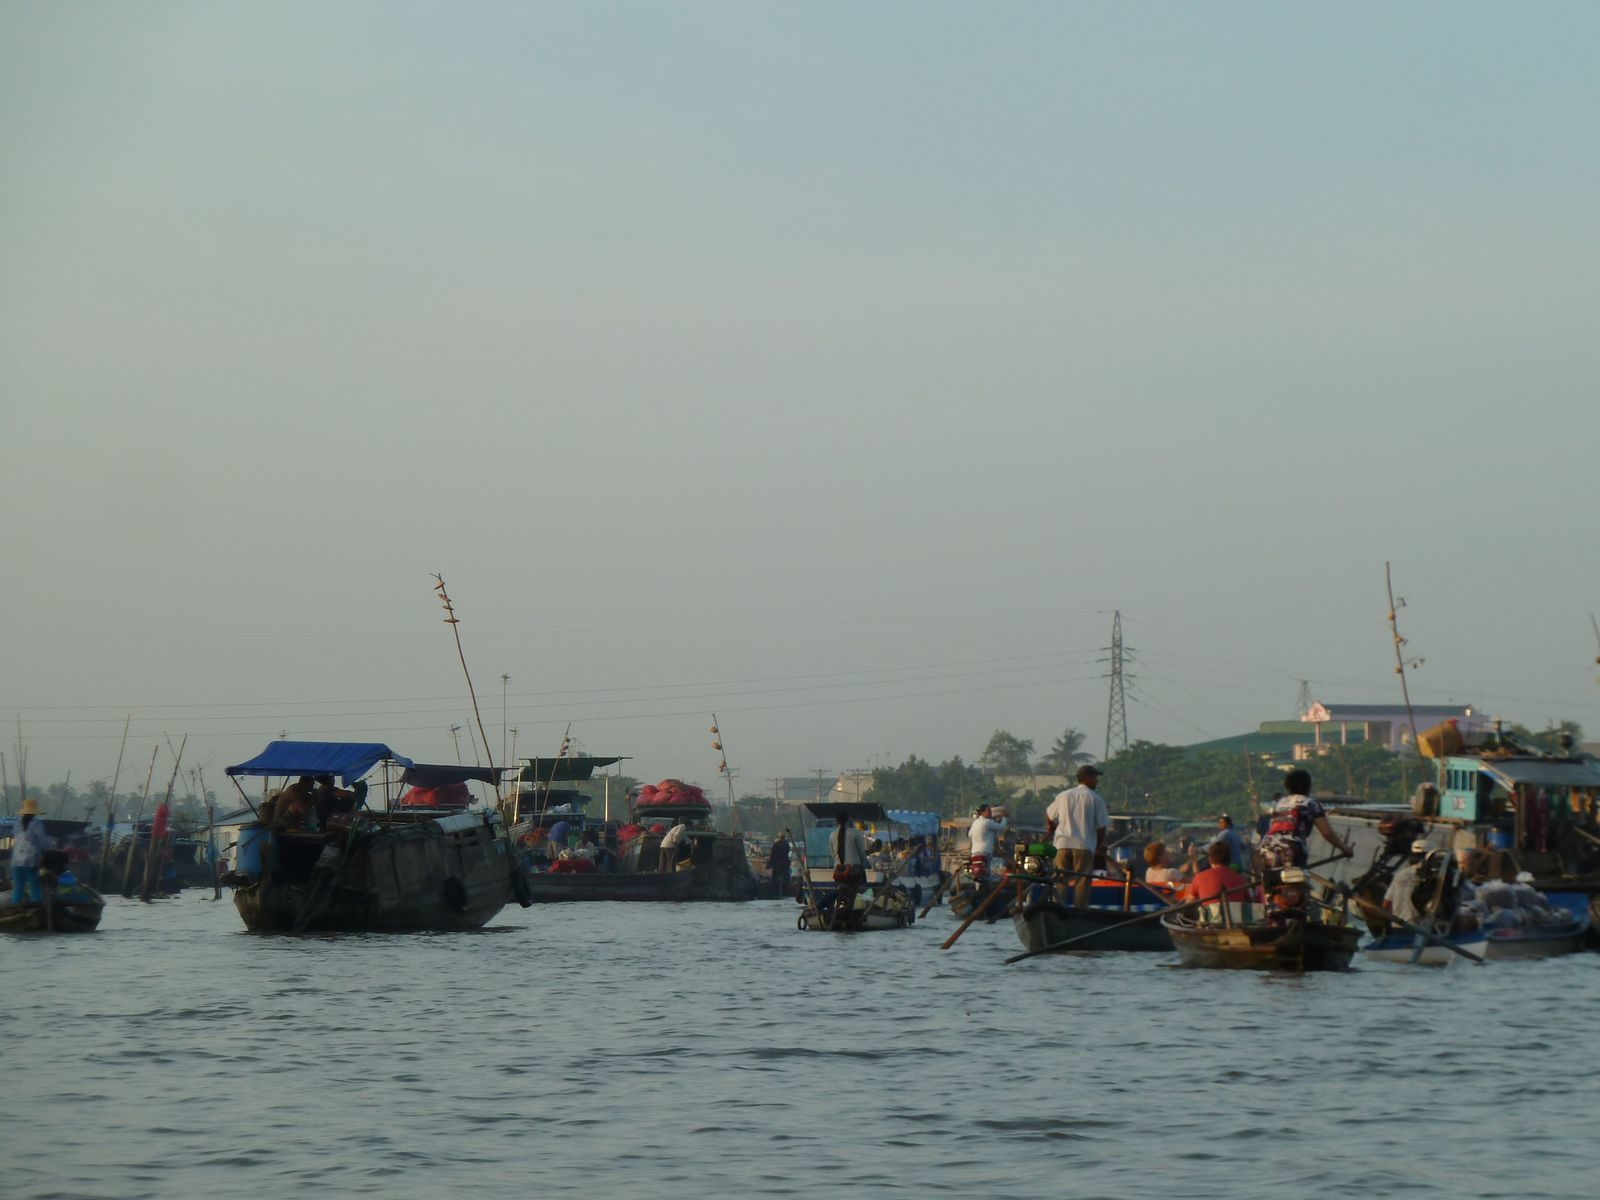 Les fameux marchés flottants. Chaque bateau accroche au bout d'une perche un exemple de ce qu'il a à vendre dans son bateau (pratique!)